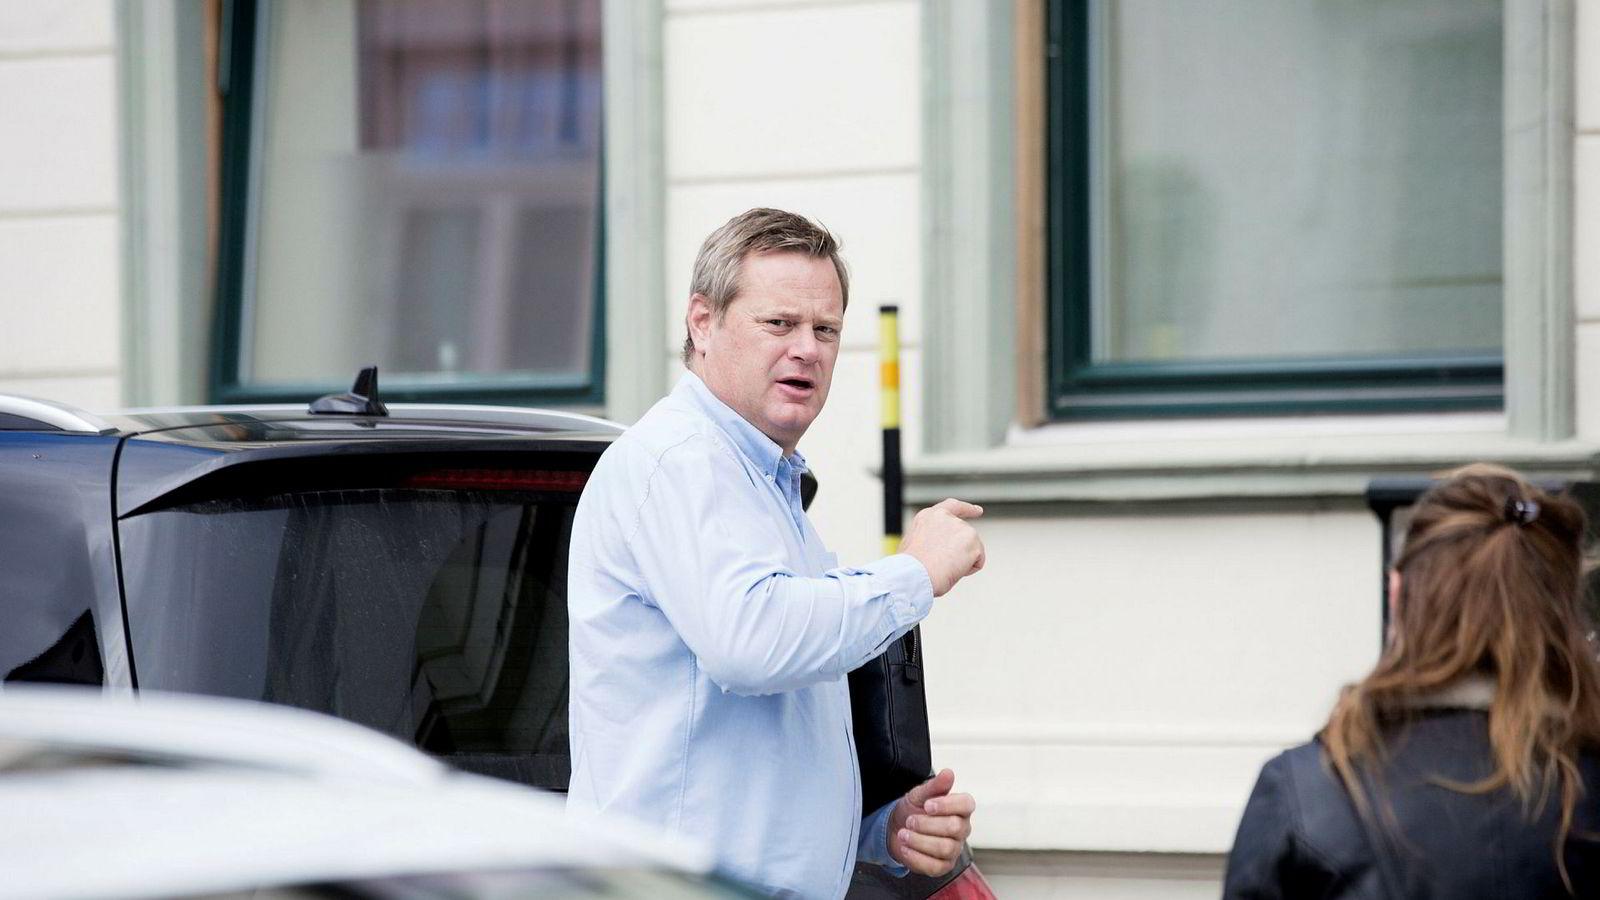 Hvis Einar Aas hadde fått rett i at prisen på tysk og nordisk kraft blir tilnærmet lik neste år, ville kontraktene han inngikk – og som ble tvangssolgt av Nasdaq Clearing tirsdag – gitt en gevinst på trekvart milliard kroner.